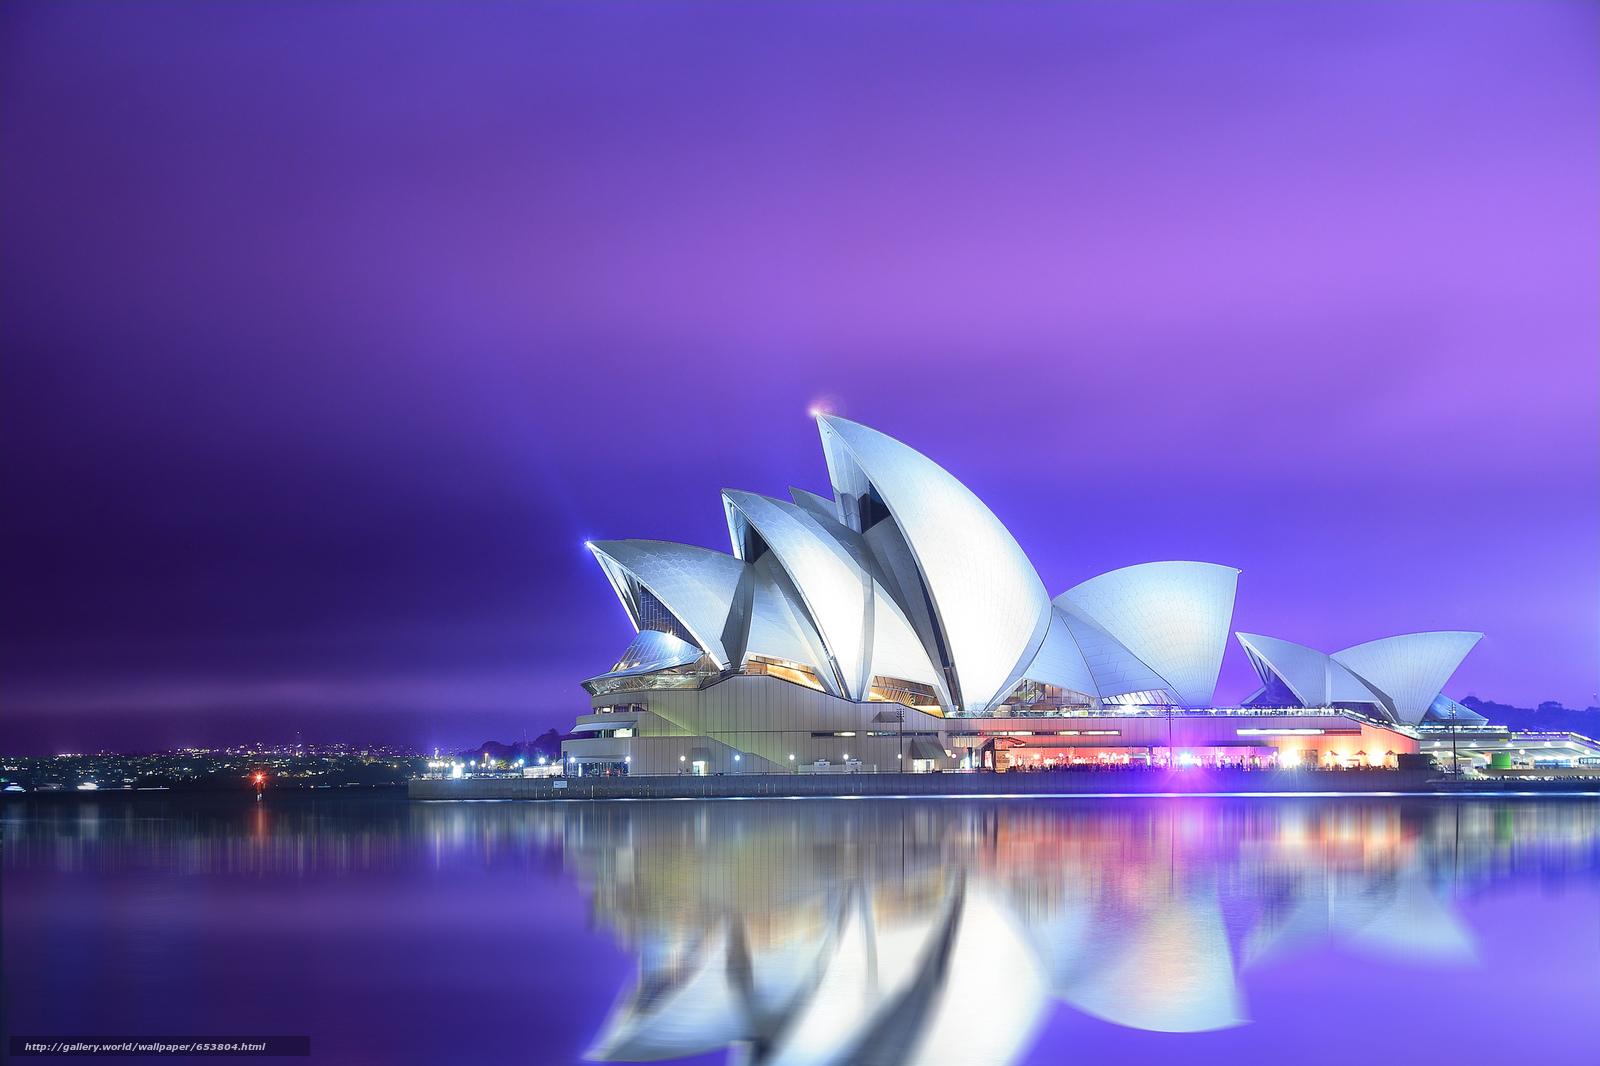 壁紙をダウンロード シドニー,  オーストラリア,  シドニー,  オーストラリア デスクトップの解像度のための無料壁紙 2048x1365 — 絵 №653804